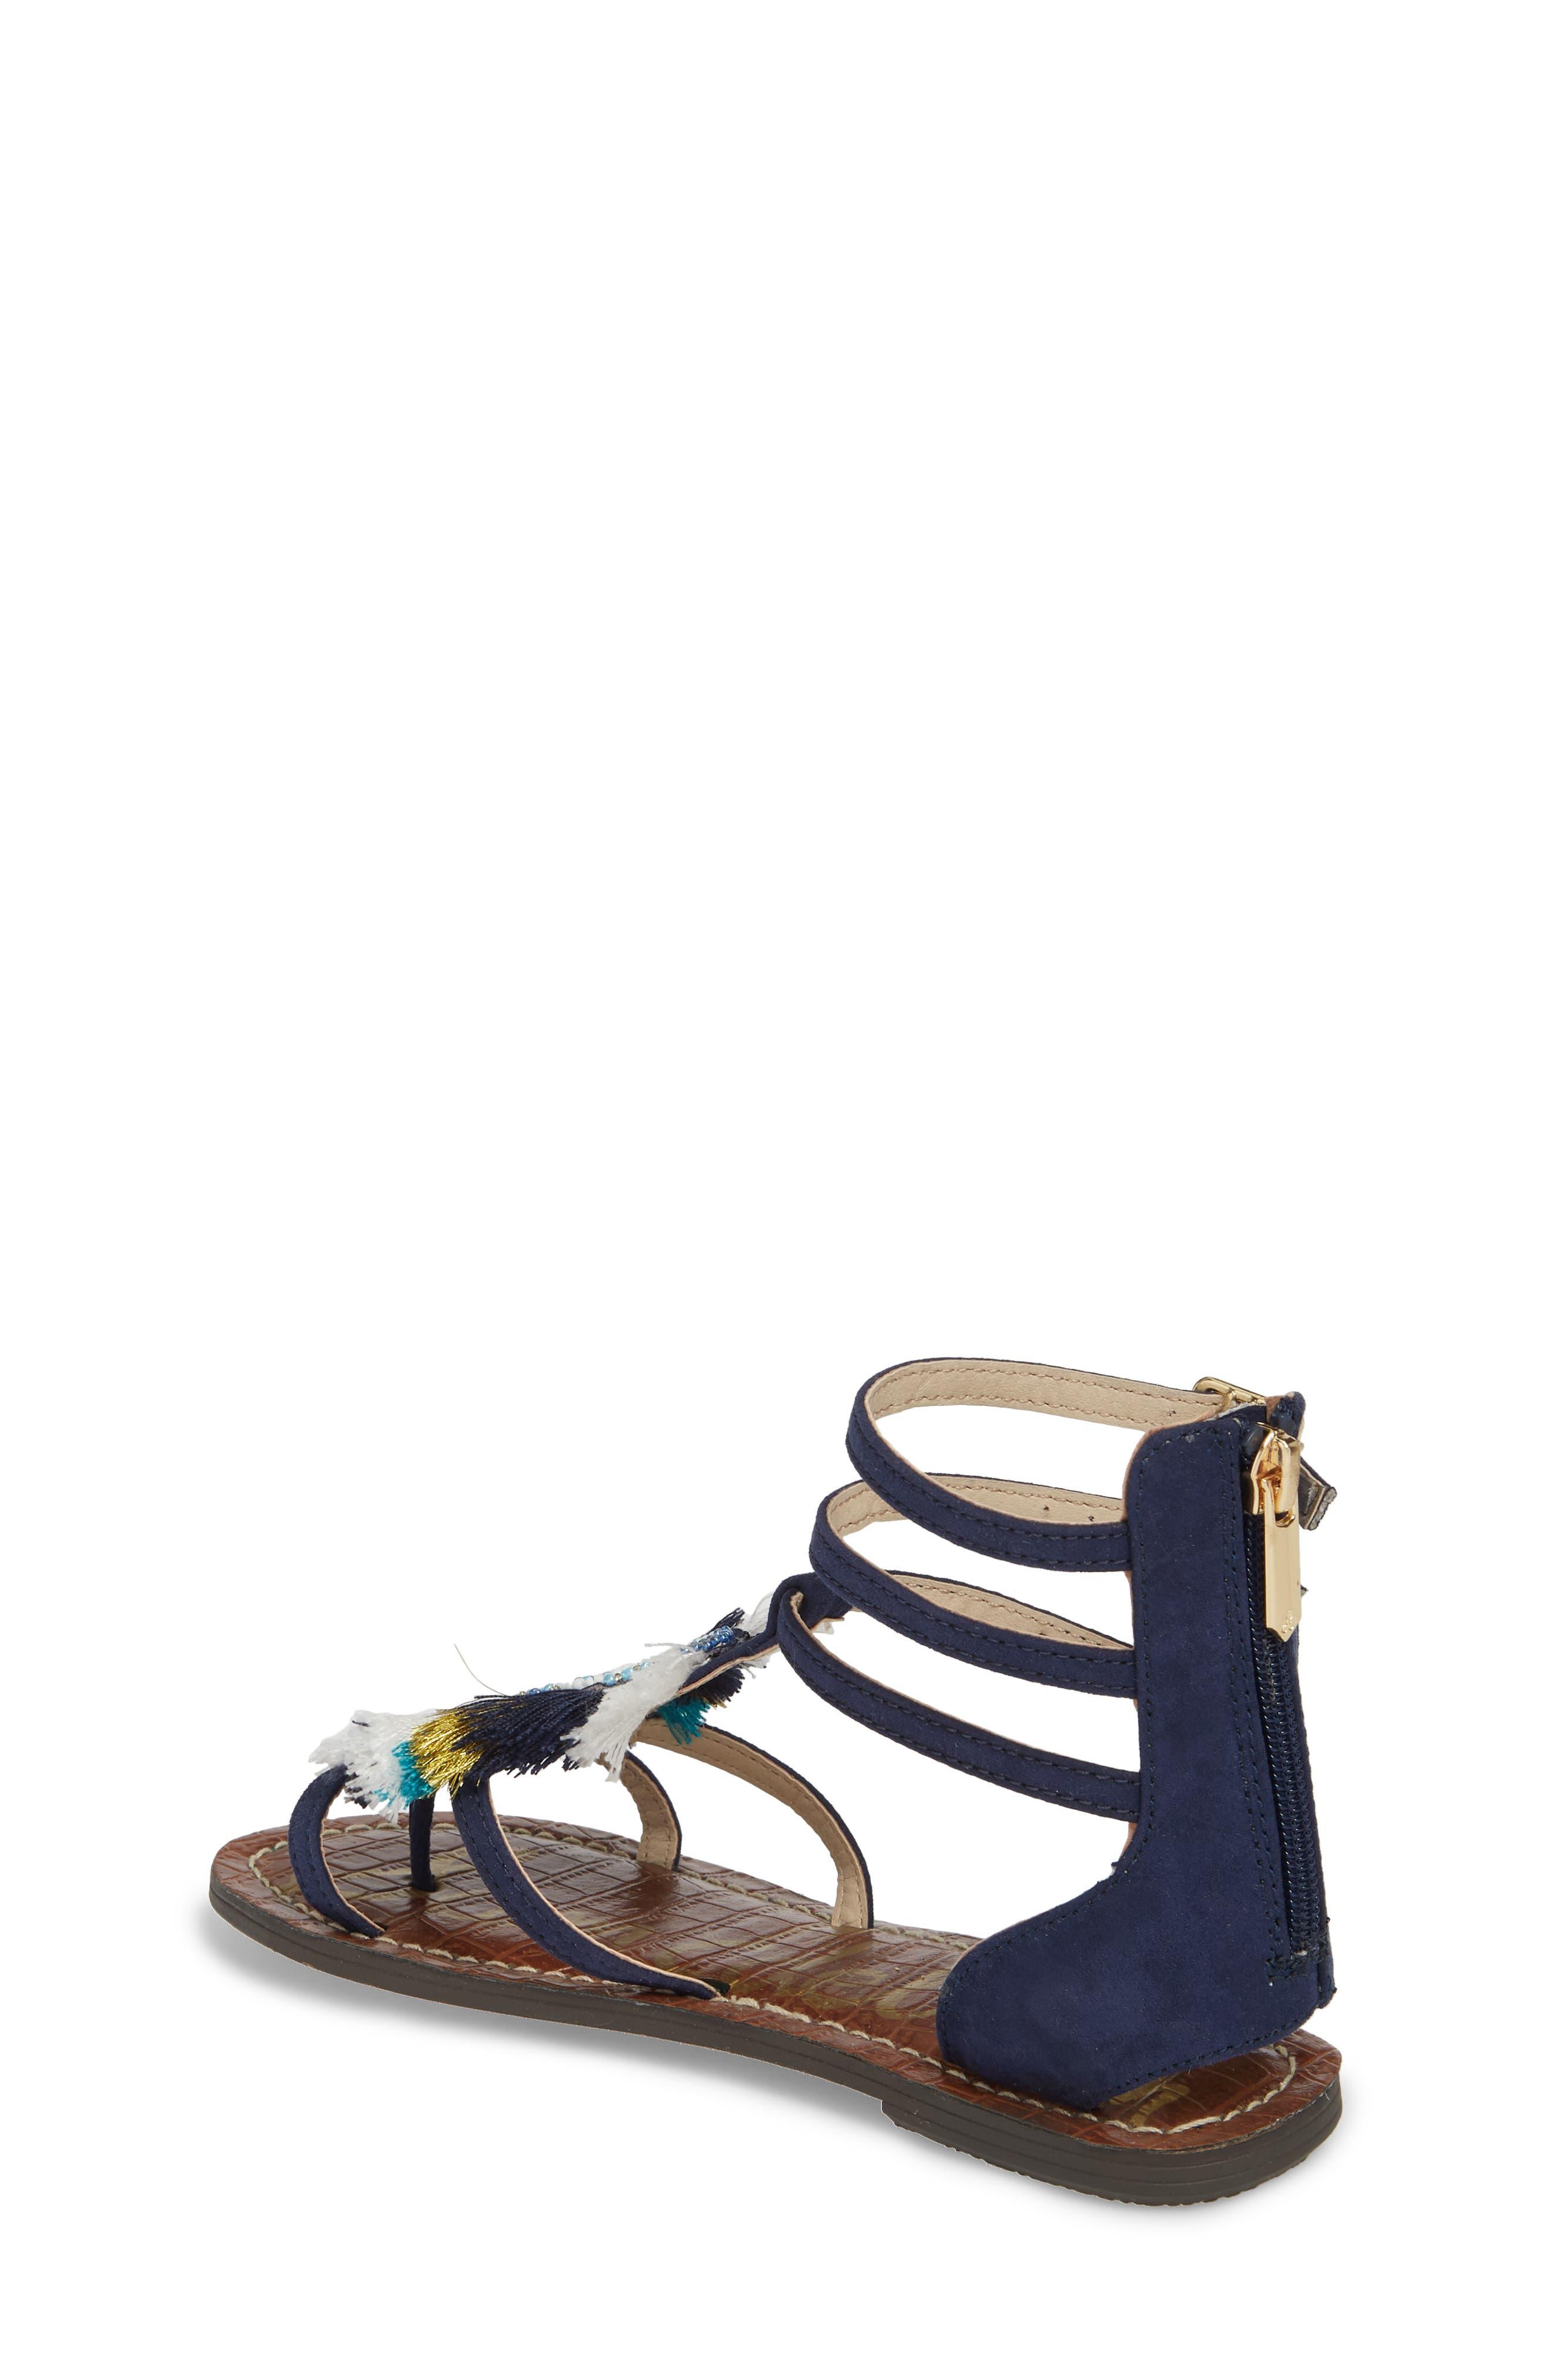 Gigi Giselle Embellished Sandal,                             Alternate thumbnail 2, color,                             Navy Faux Suede